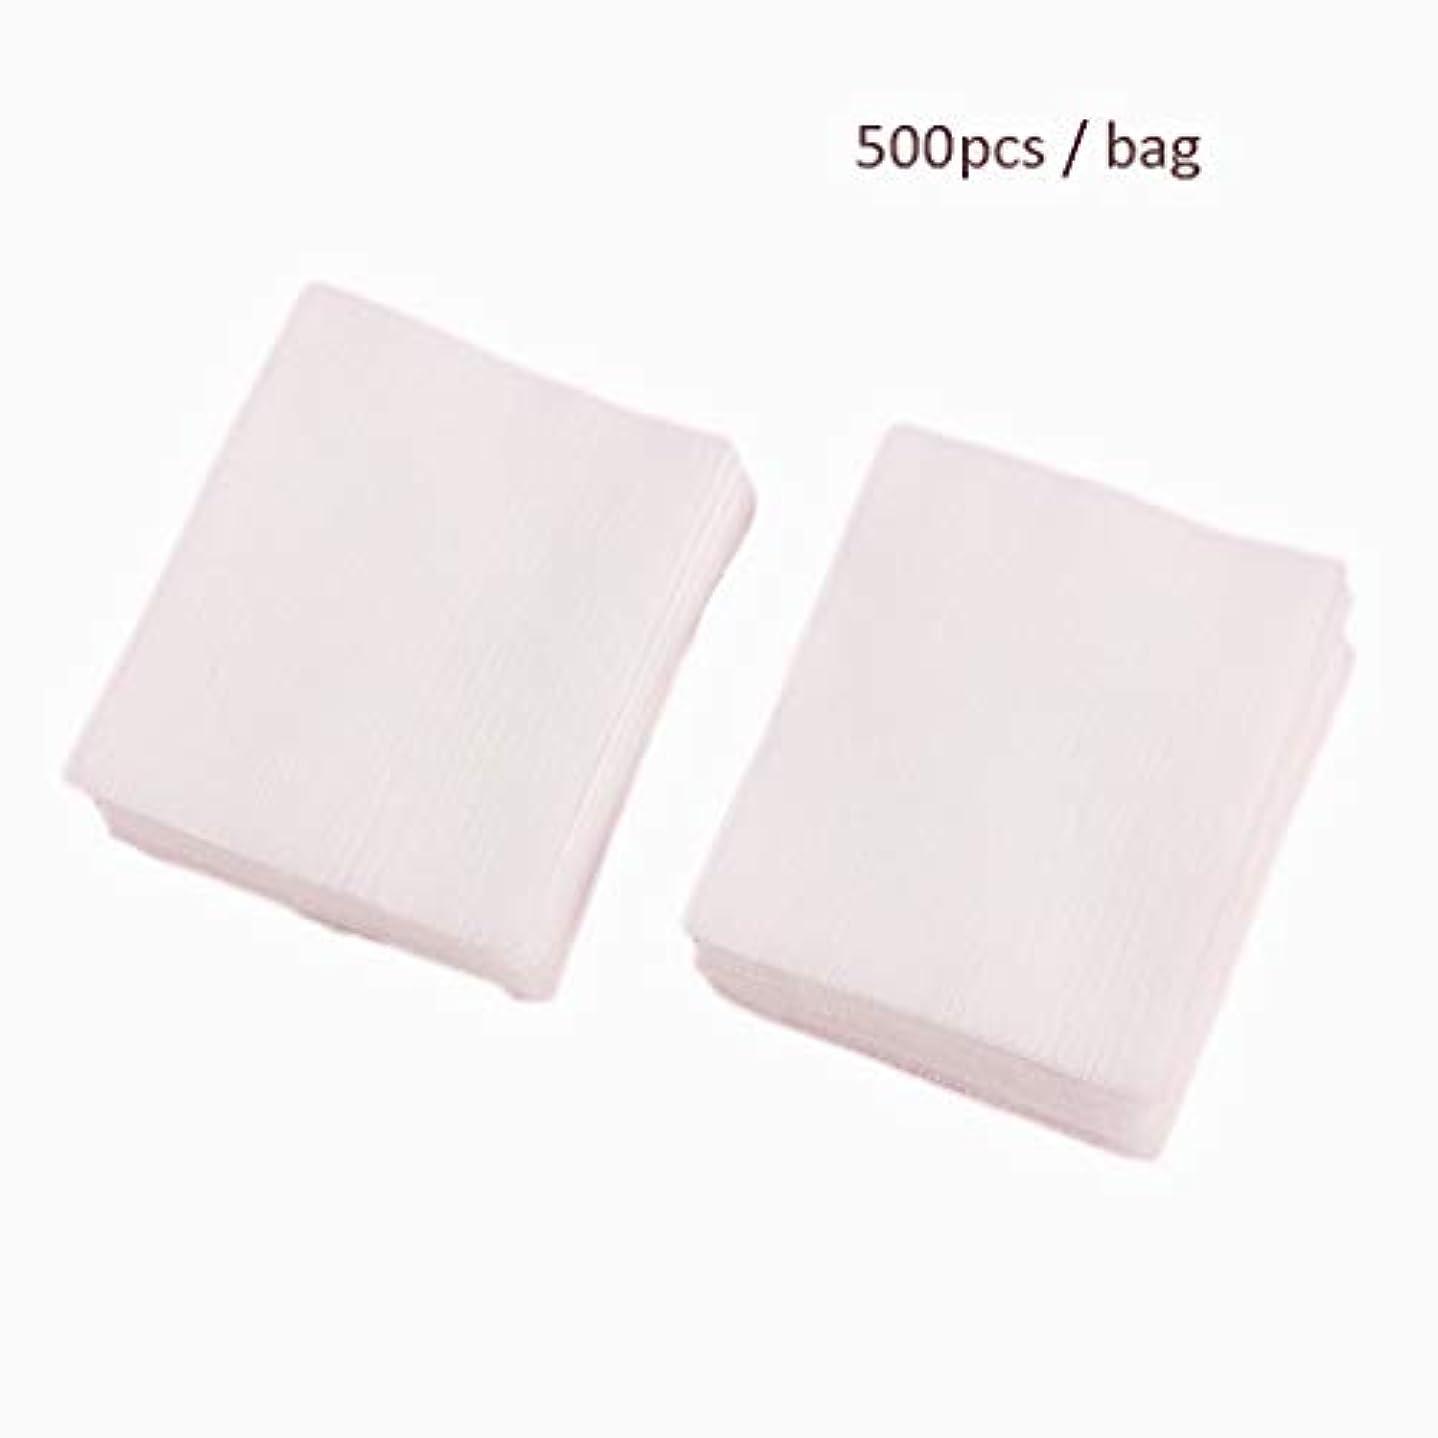 クレンジングシート 500ピース/バッグフェイシャルオーガニックコットンパッドフェイシャルクリーニングネイルポリッシュリムーバー化粧品ティッシュメイクアップ美容スキンケアツール (Color : White, サイズ :...